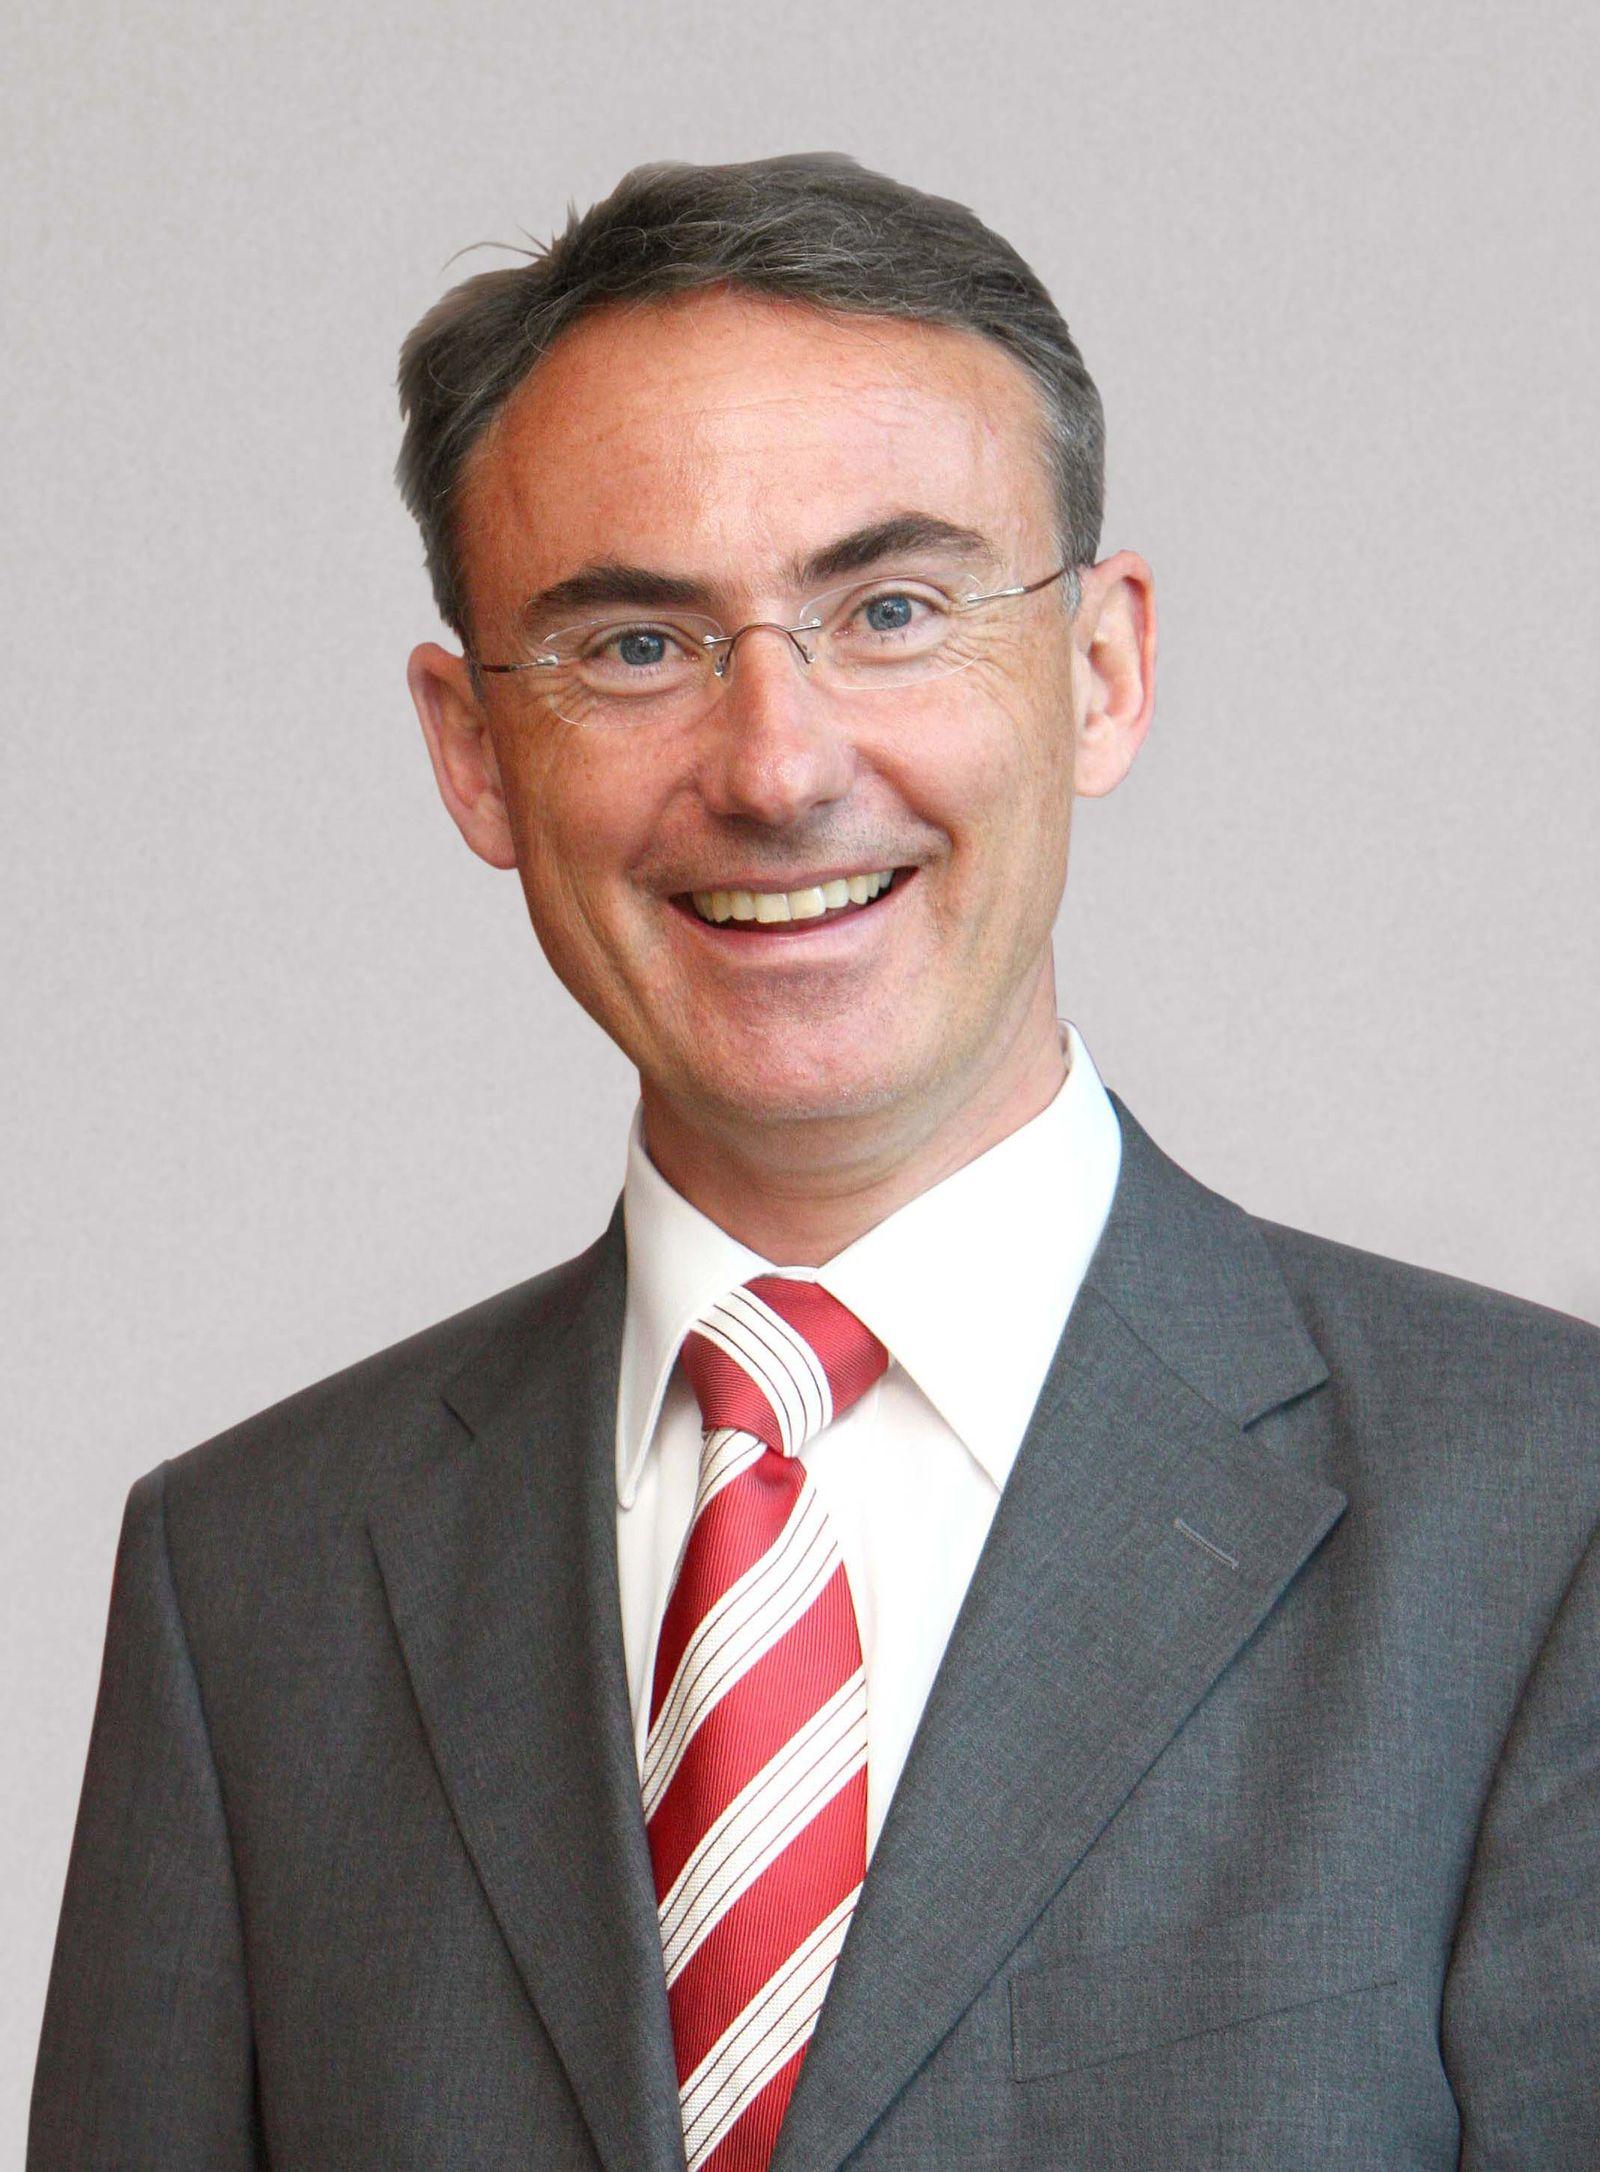 Christoph Straub / Barmer